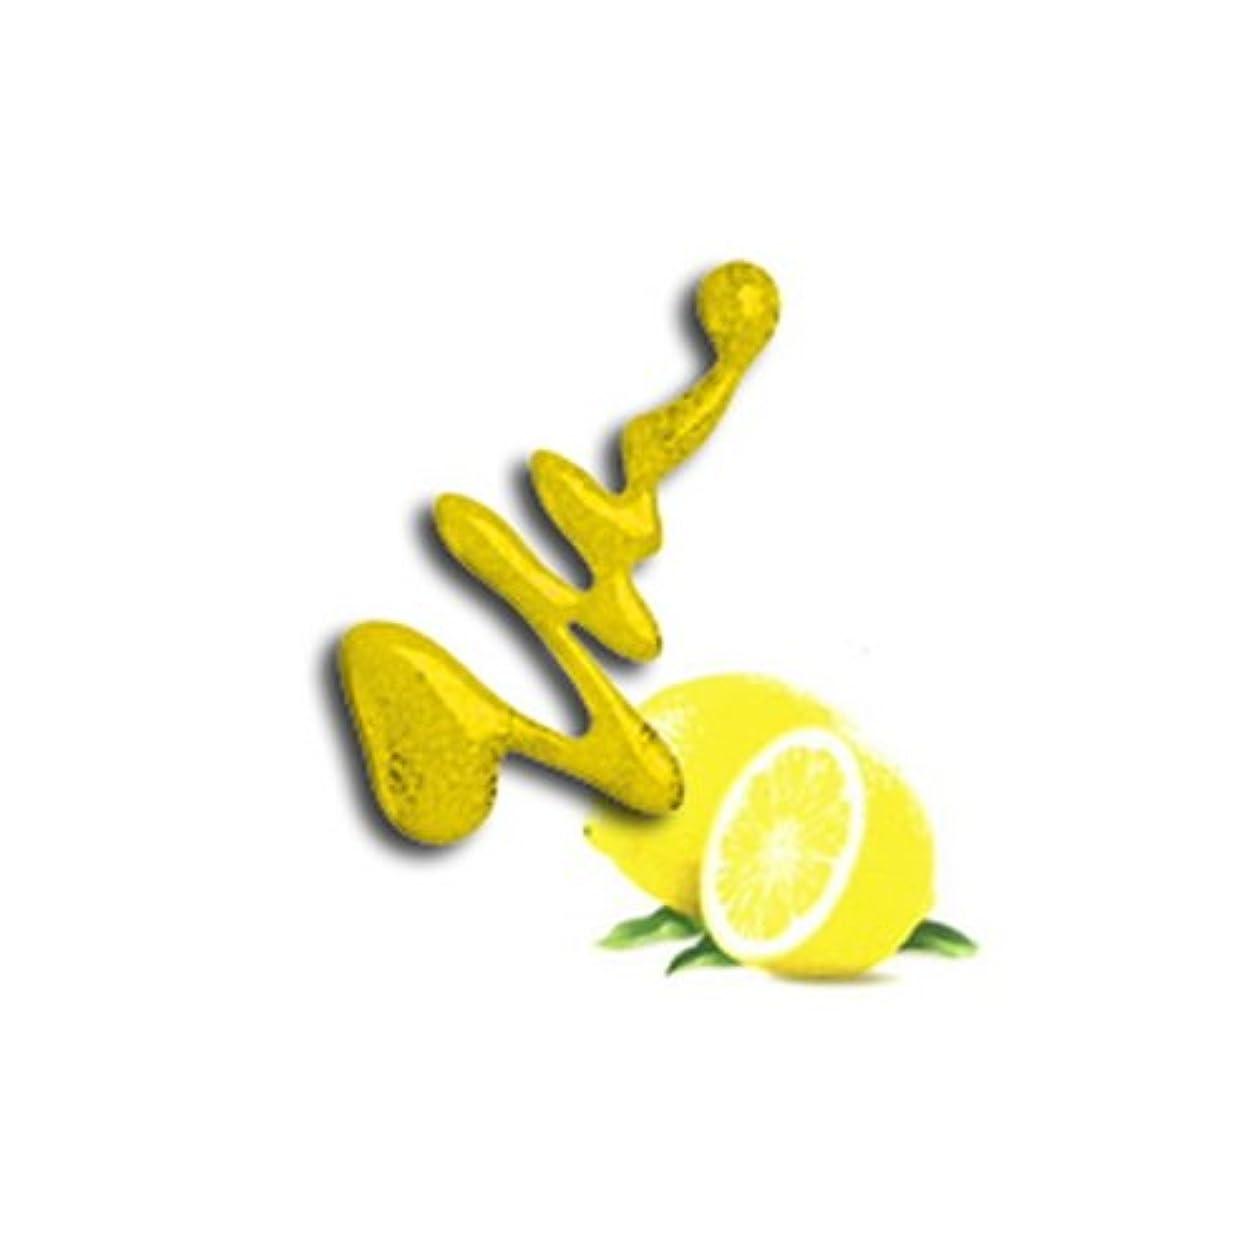 未払いモザイク講義LA GIRL Fruity Scented Nail Polish - Zesty Citrus (並行輸入品)